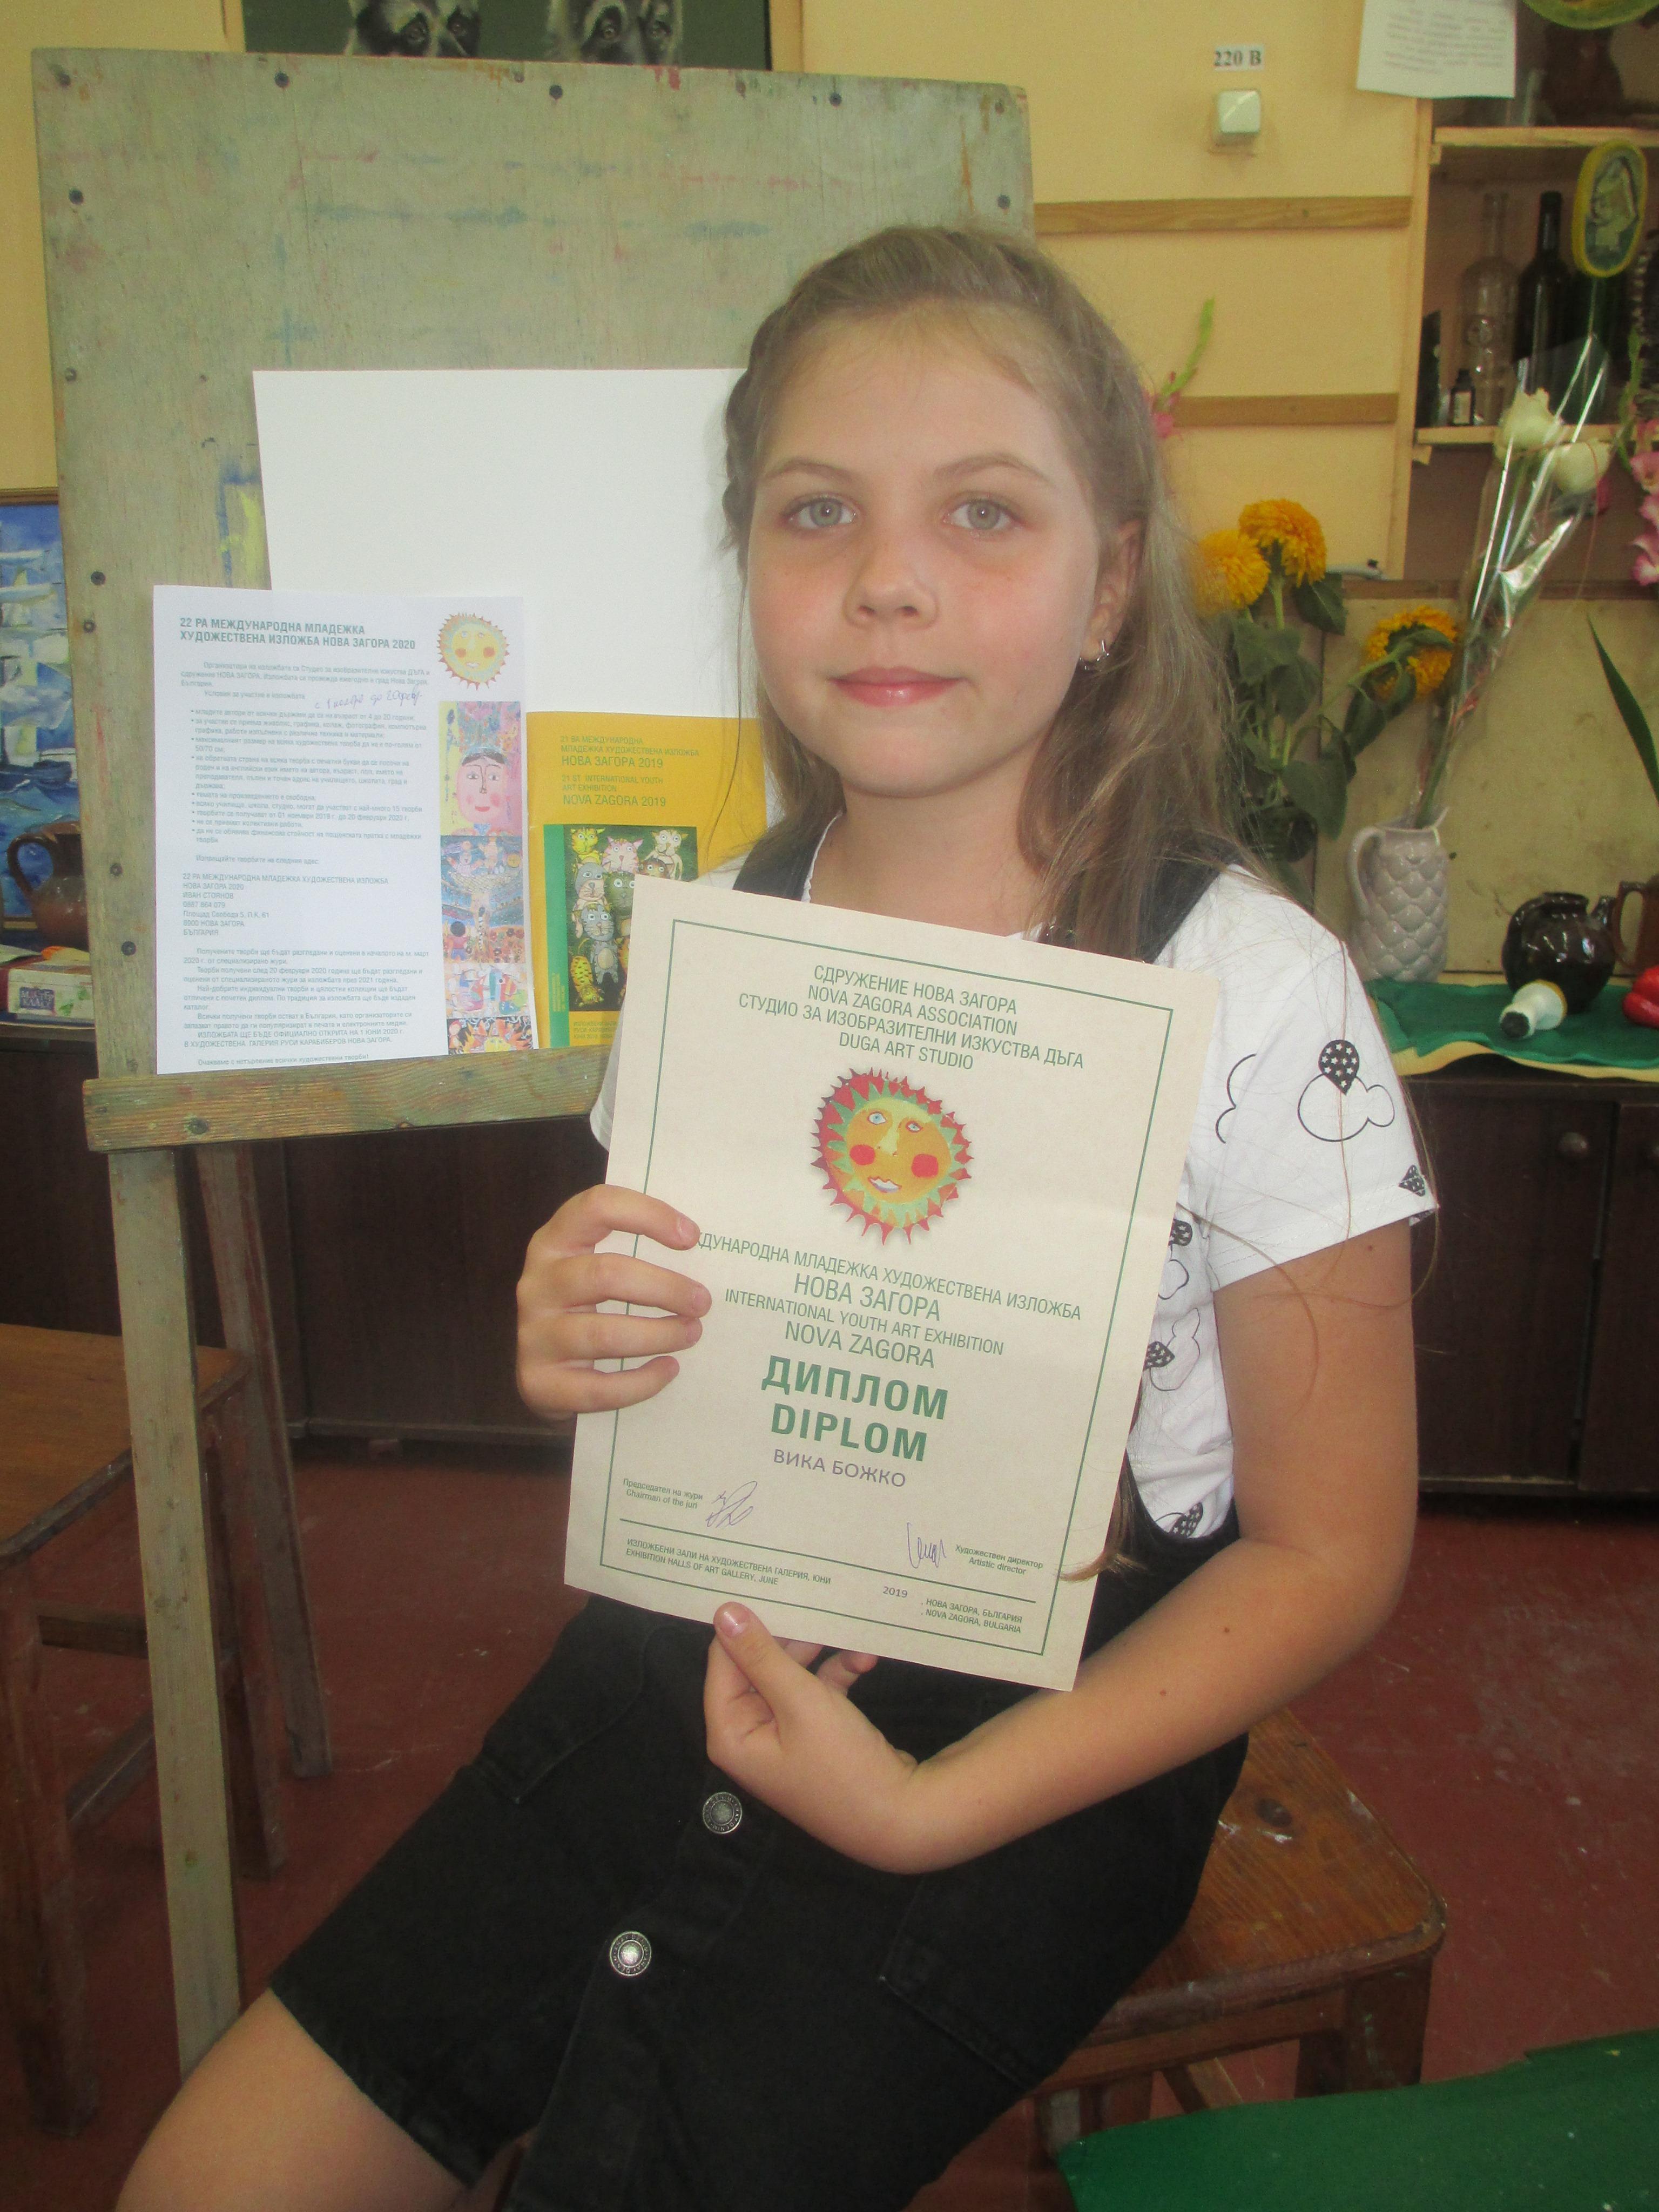 Юные художницы из Килии выбороли право участвовать в престижной выставке художественного центра Болгарии